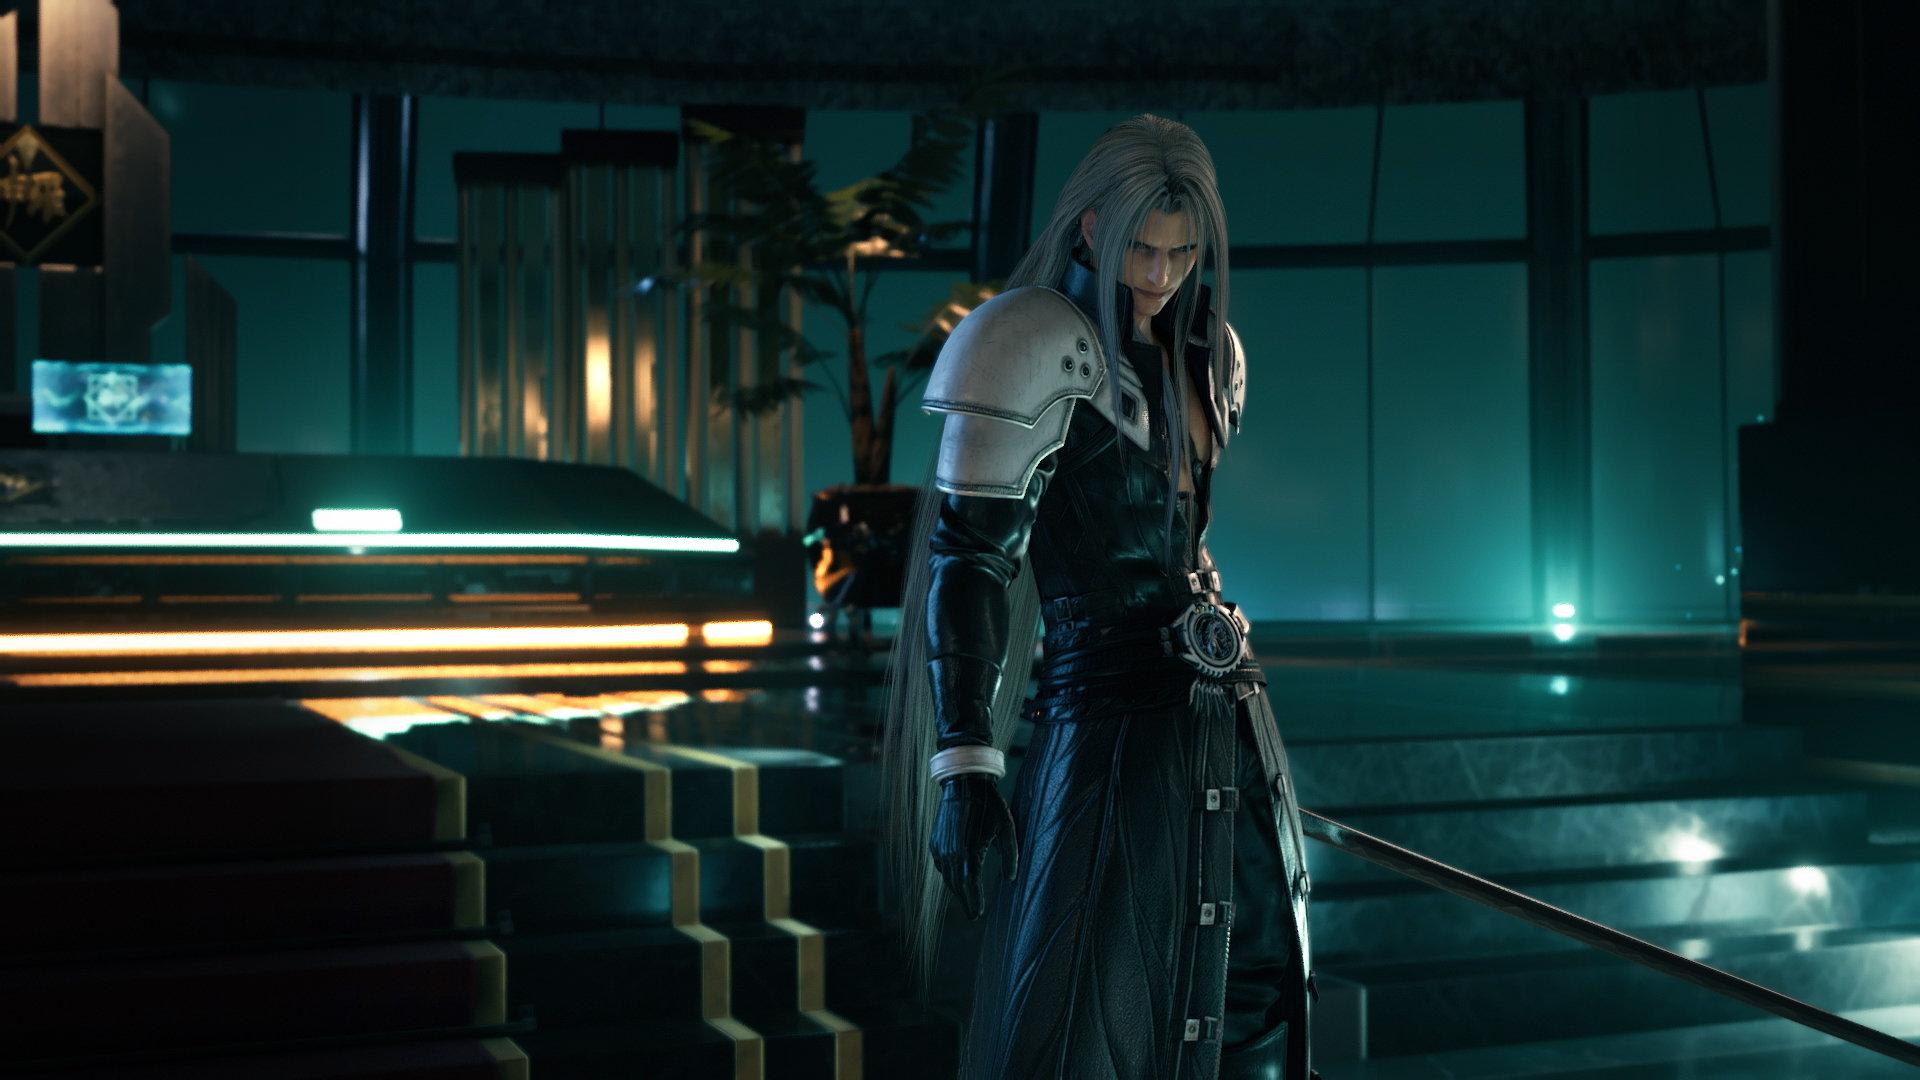 Mais 20 imagens de Final Fantasy VII Remake